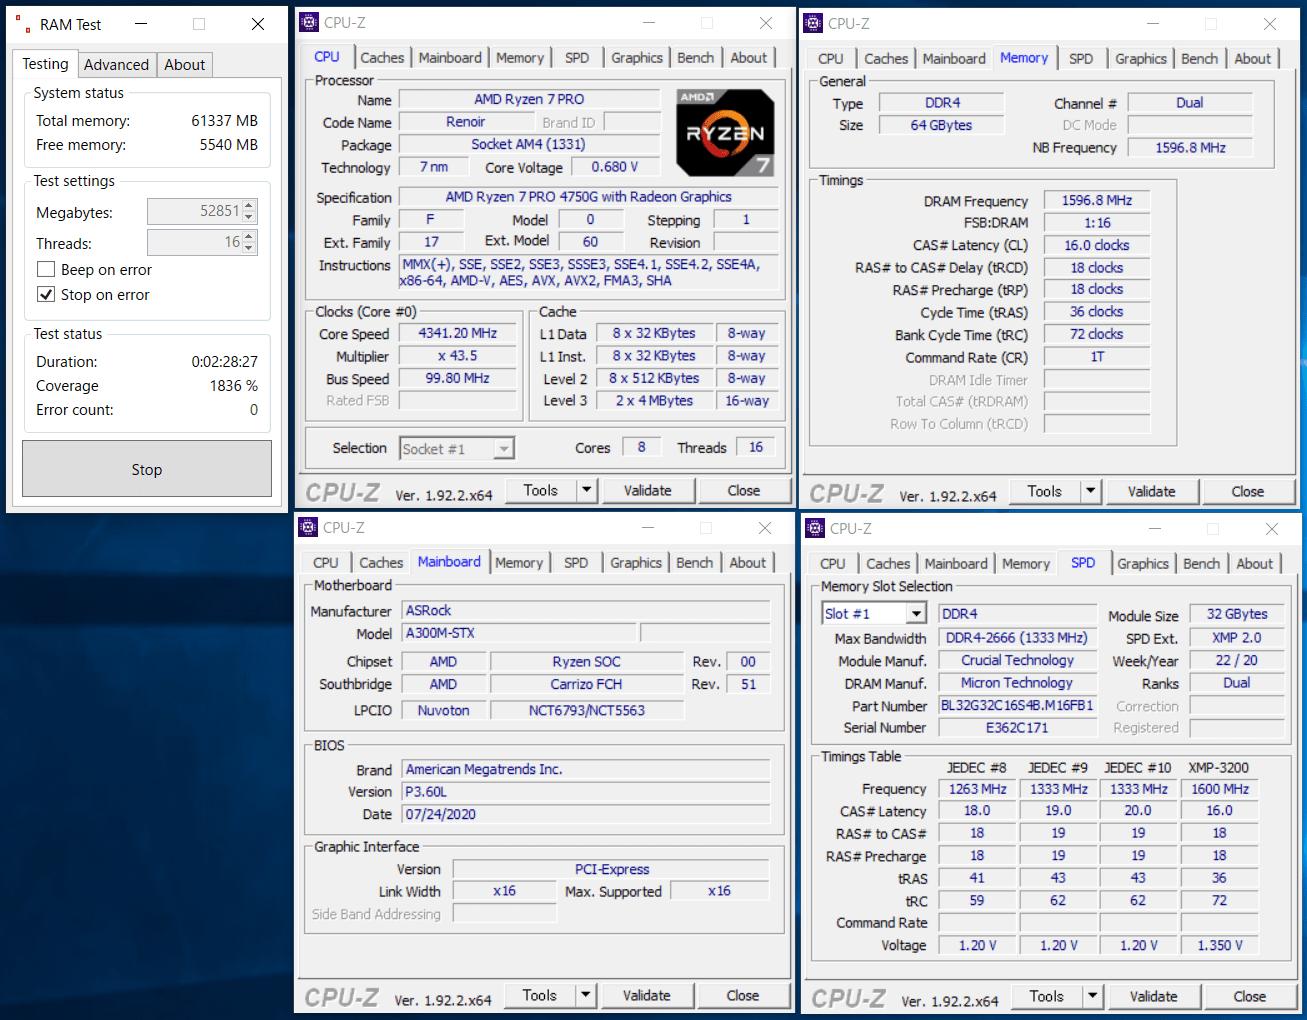 AMD Ryzen 7 PRO 4750G_Deskmini A300_ramtest_CB